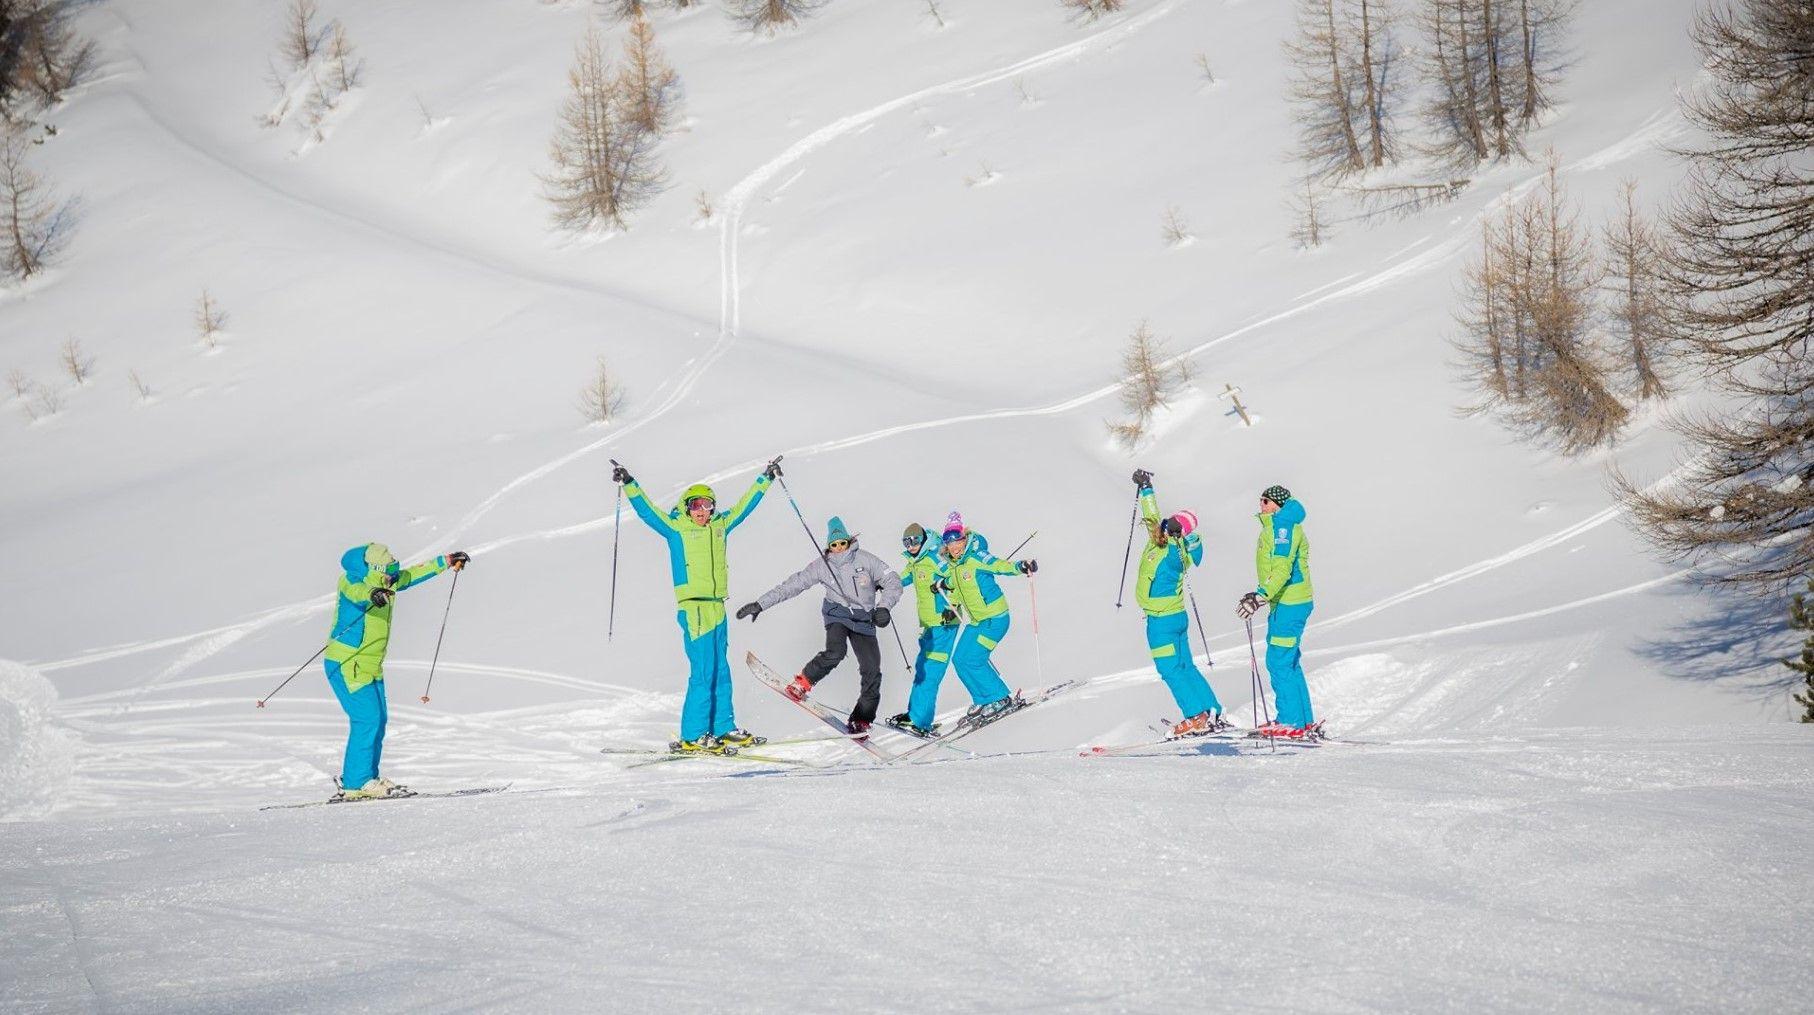 Corso di sci nel weekend per adulti a Claviere